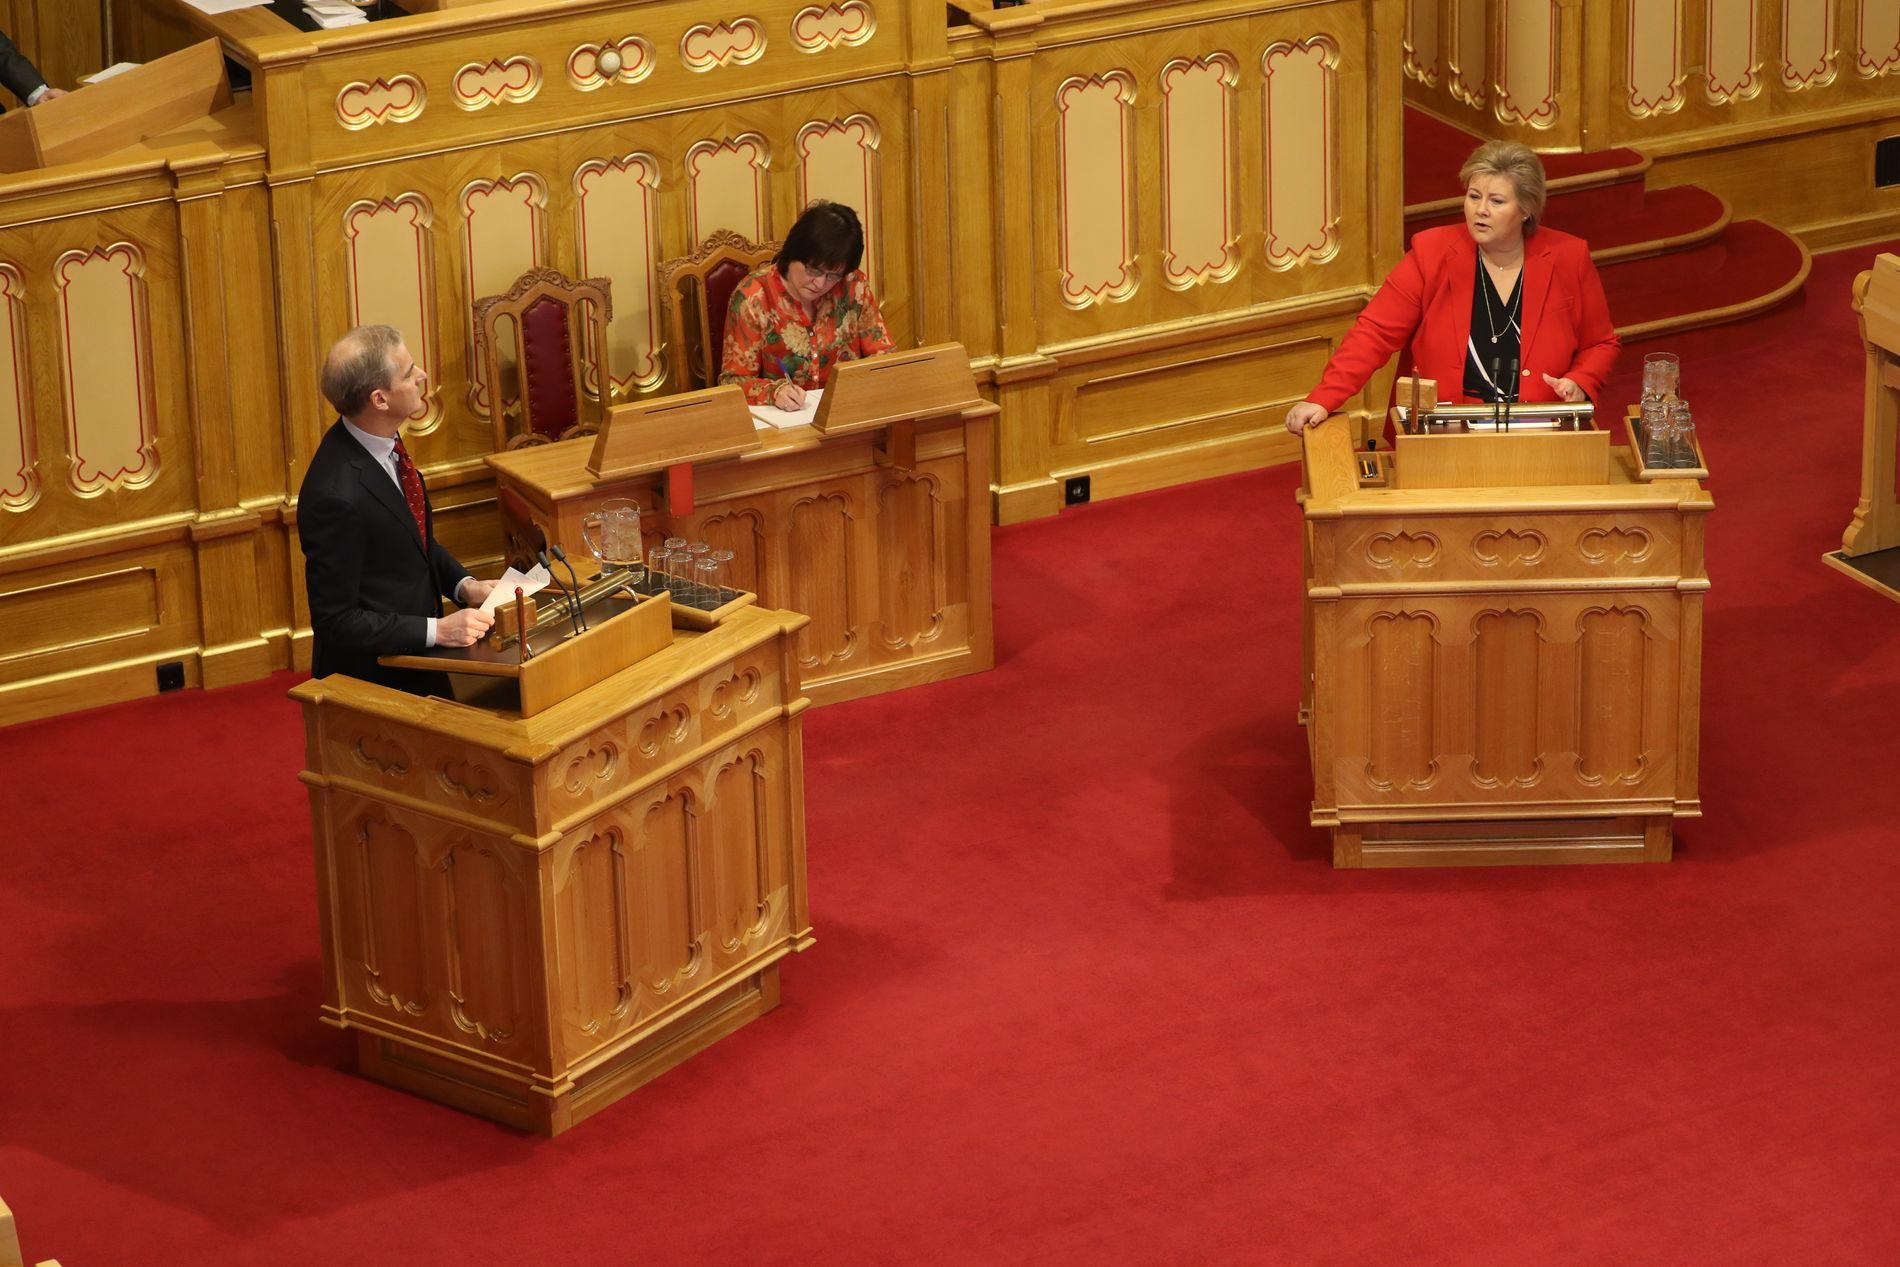 MÅTTE SVARE: Statsminister Erna Solberg (H) måtte svare på flere spørsmål fra opposisjonen om abort i Stortinget i dag.